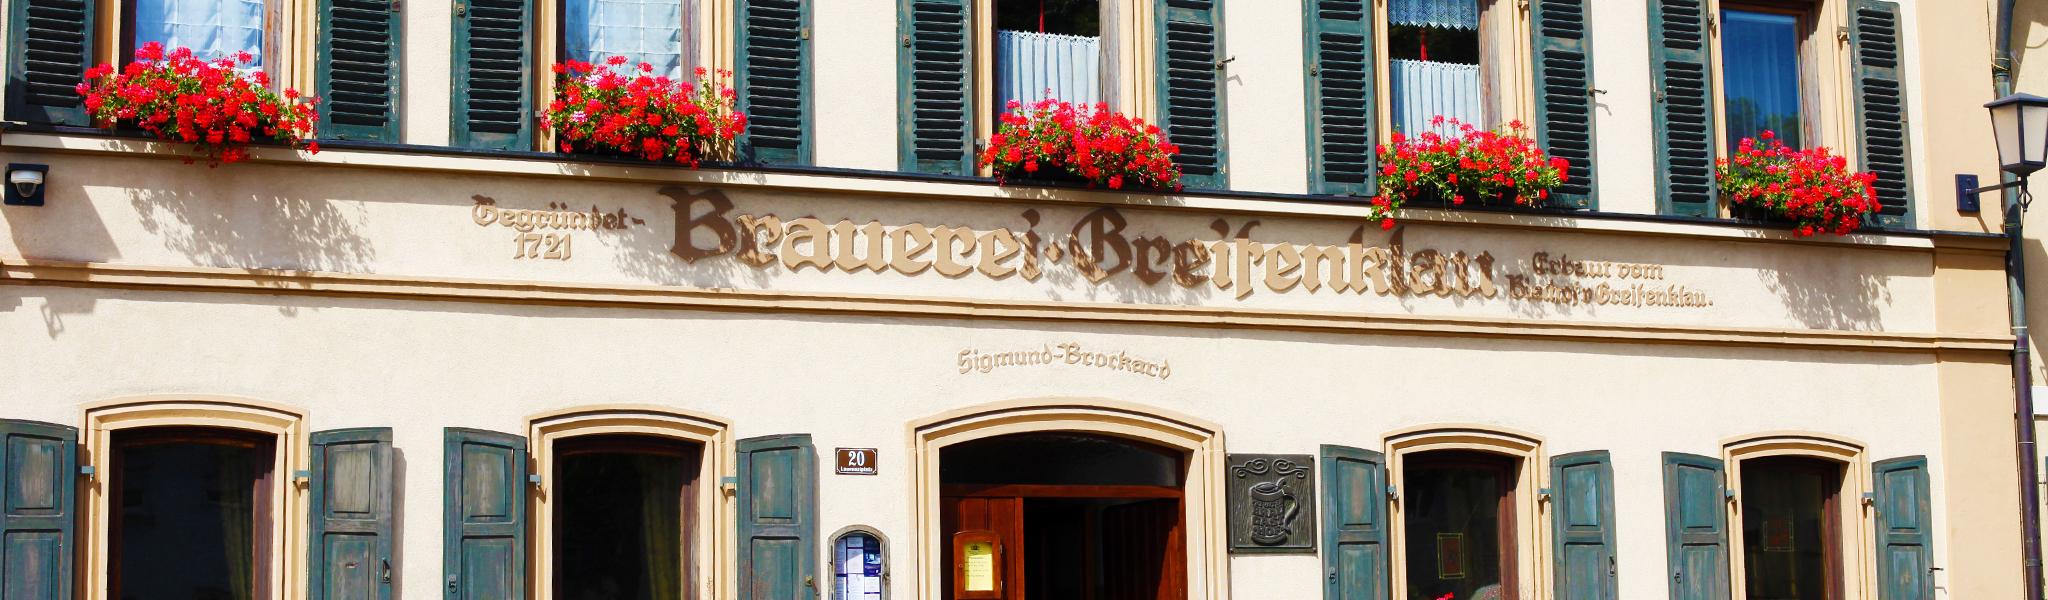 Slider_Brauerei-1